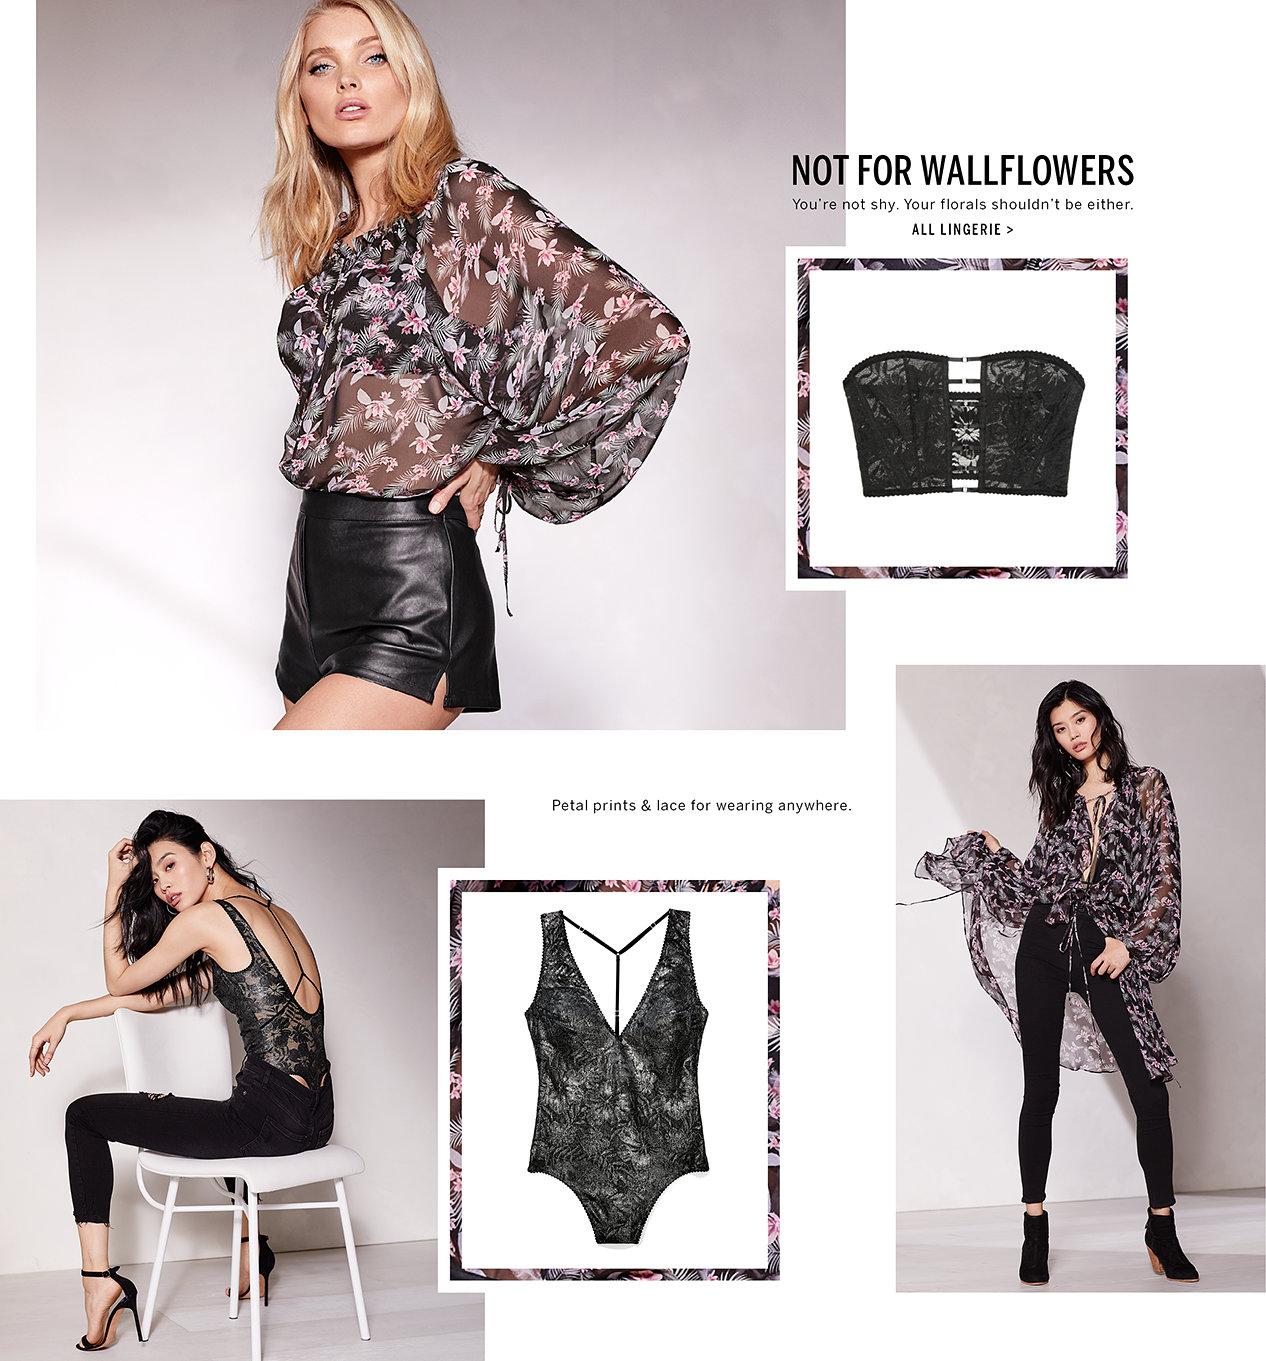 04-051418-lingerie-wallflowers_R2.jpg